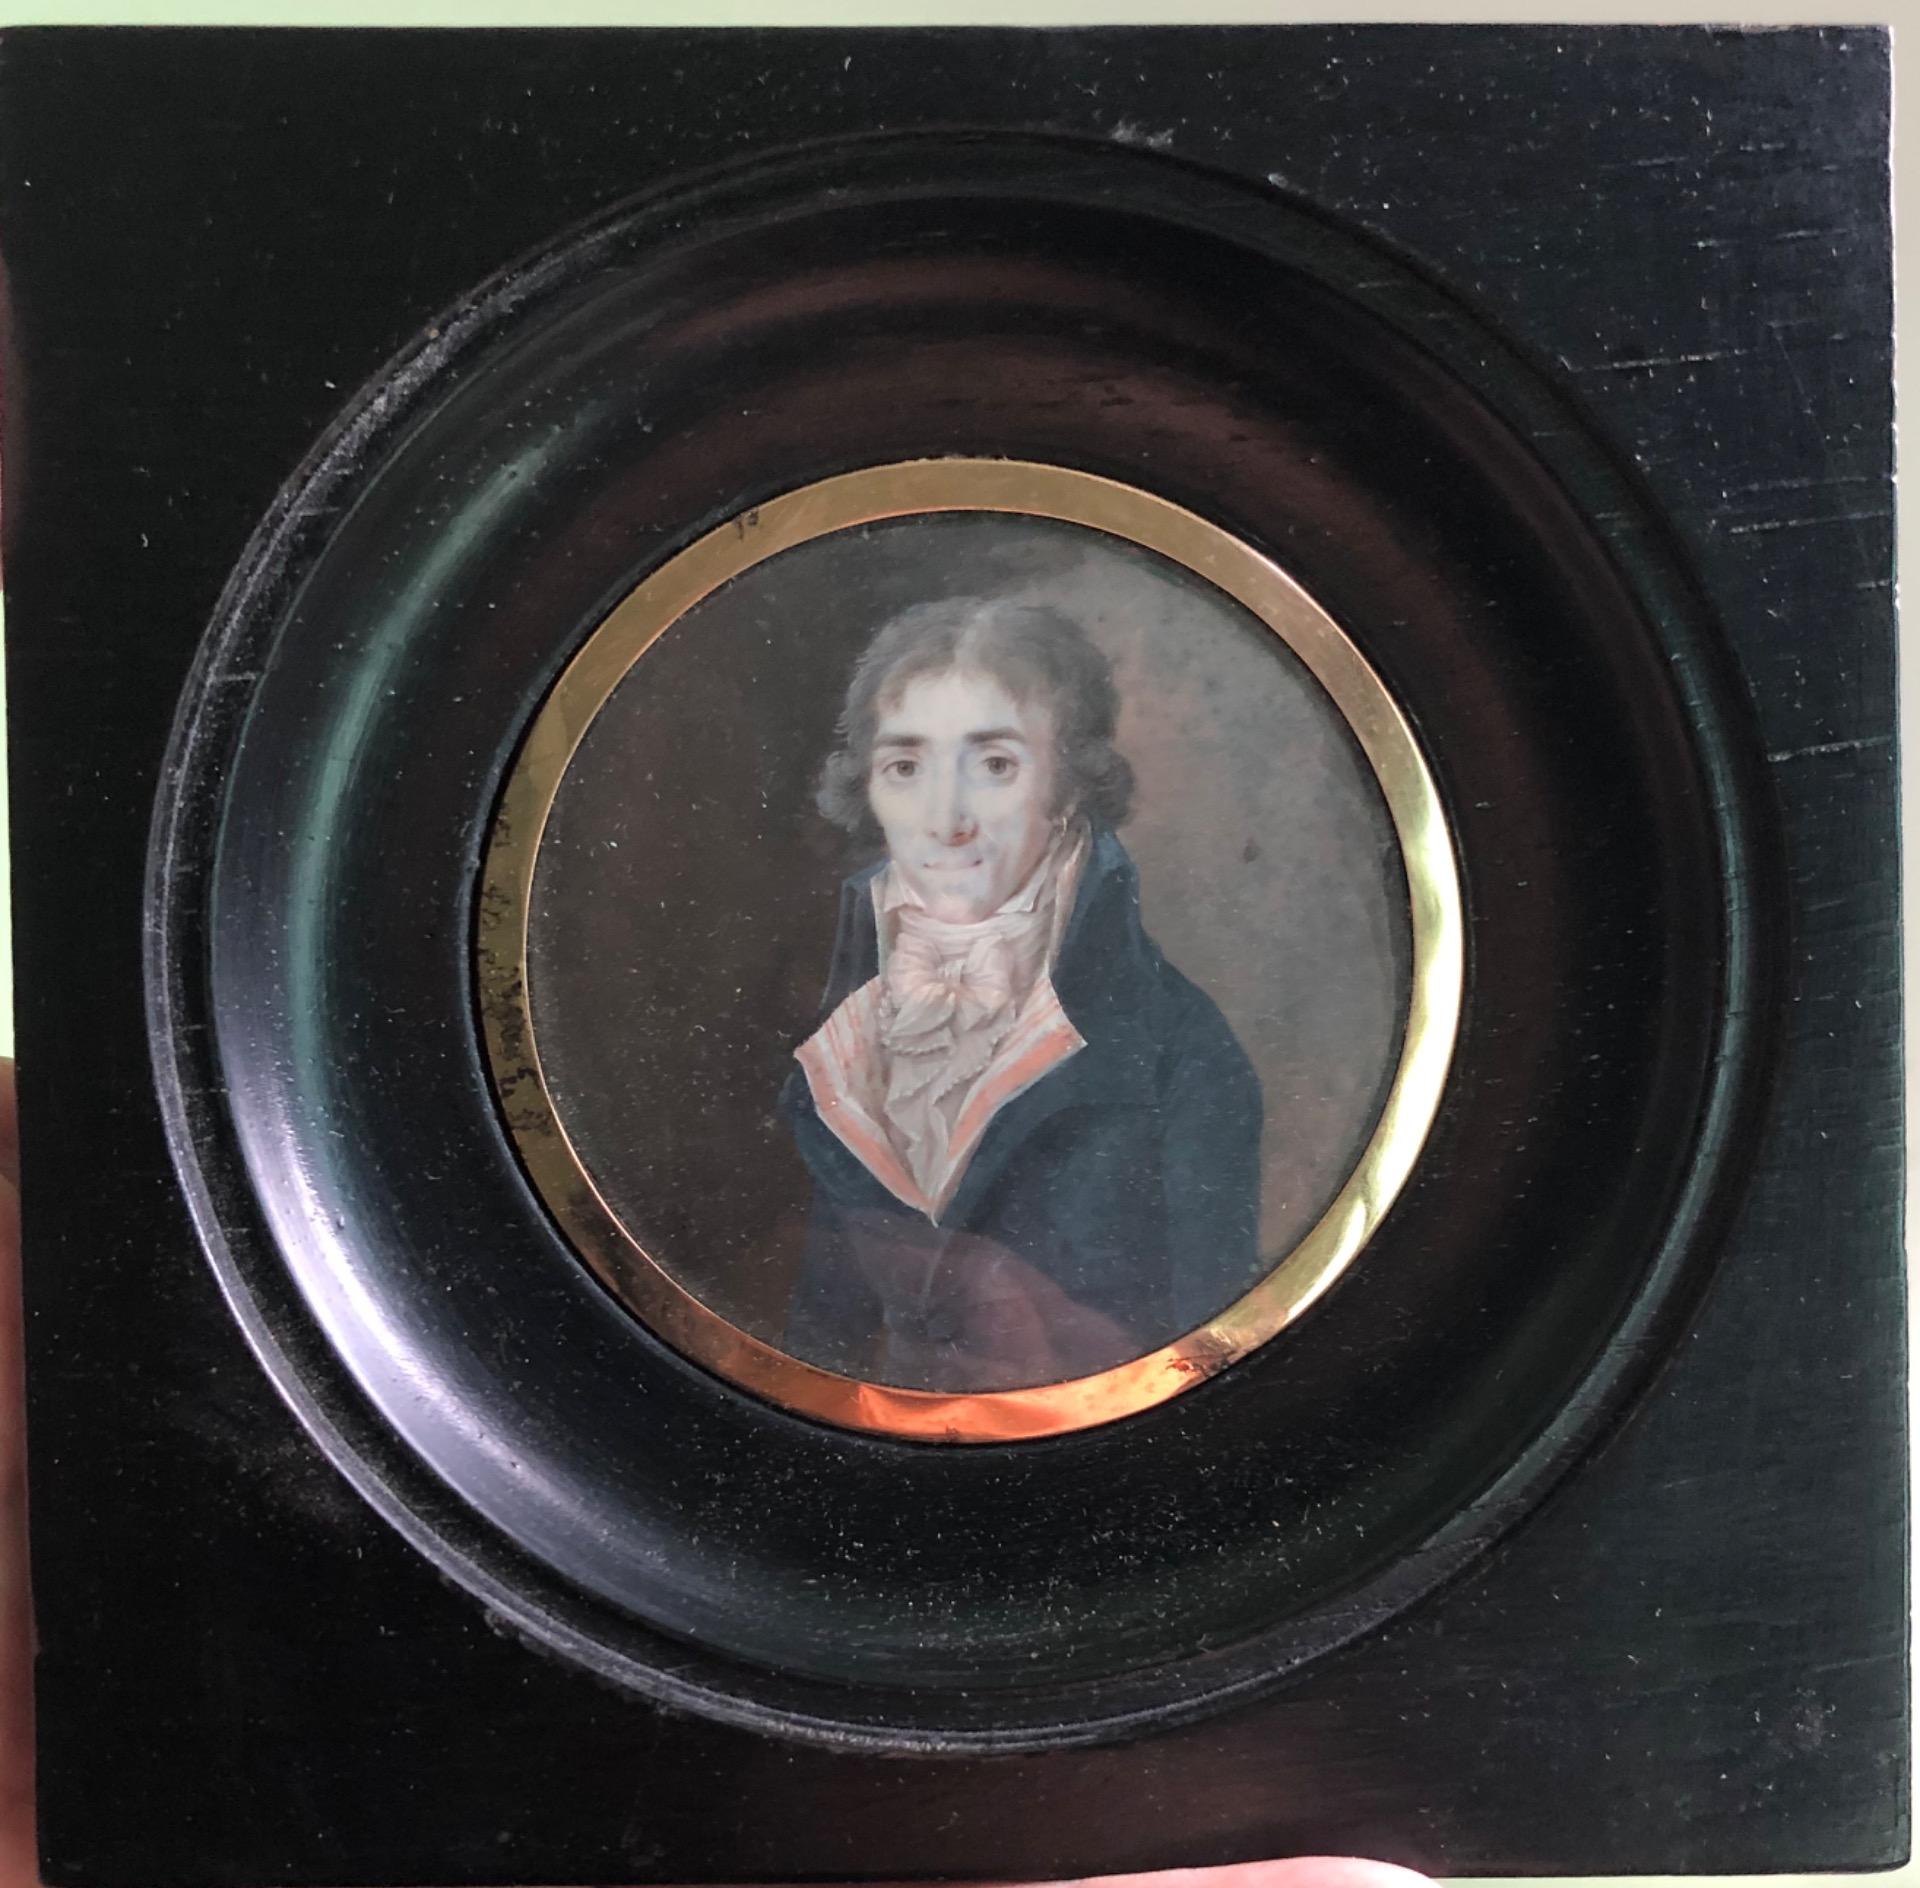 Miniatura olio su avorio con personaggio maschile.Profilo in oro basso.